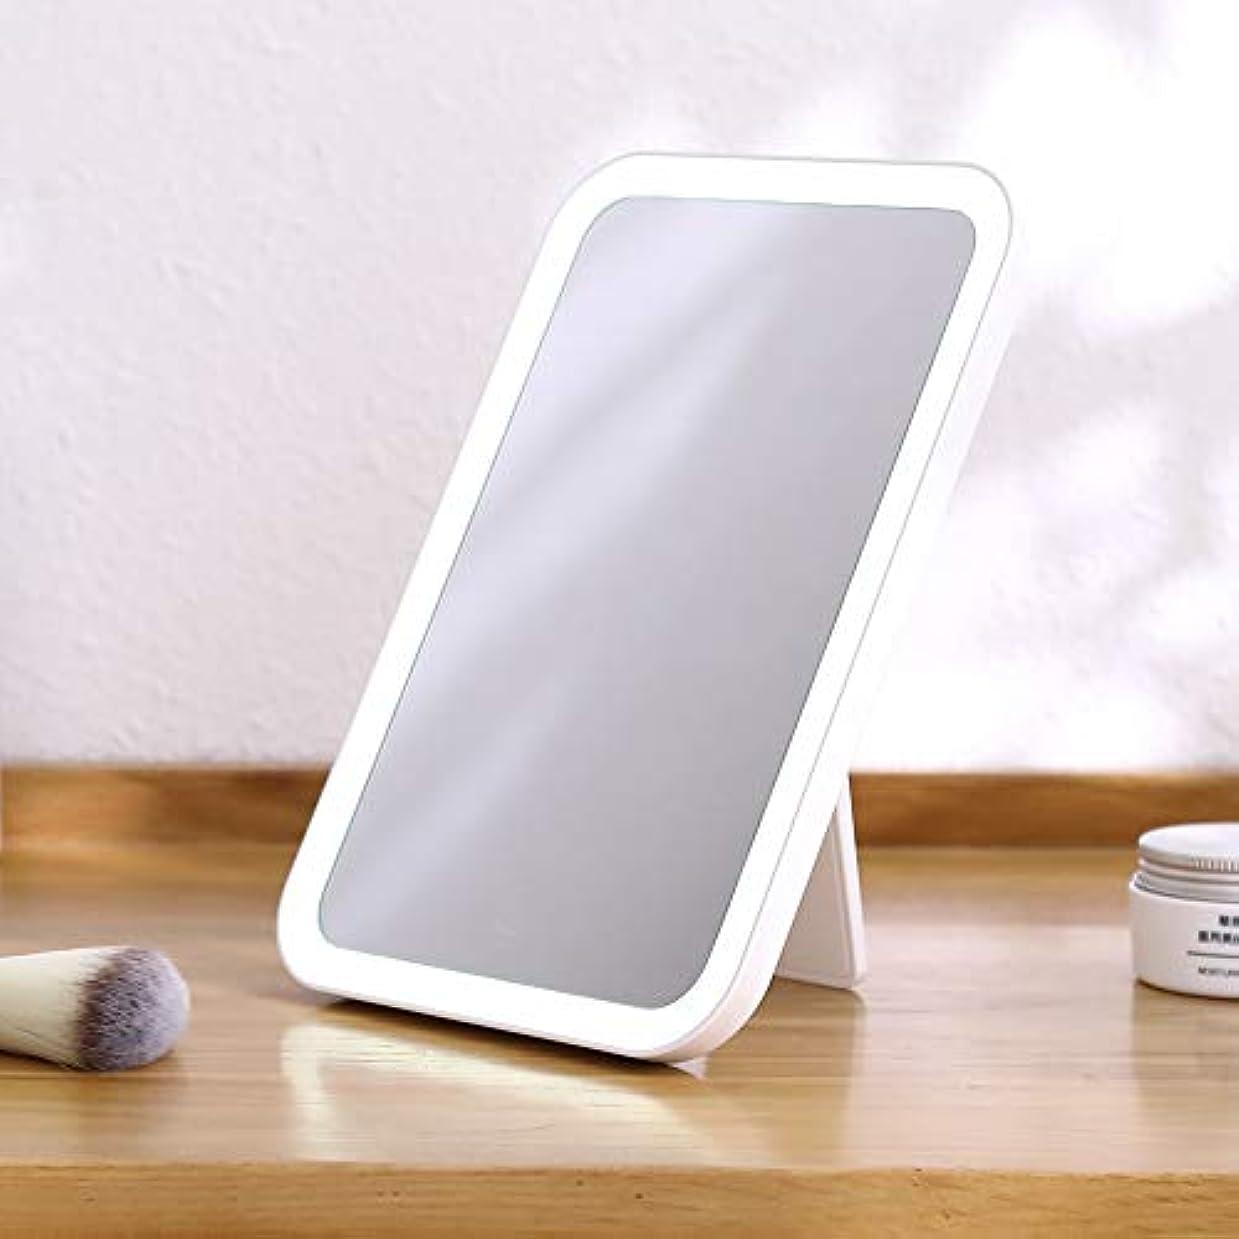 すでにディスカウントホールドオールBEZOX LED化粧鏡 化粧ミラー 鏡 USB充電式 LEDミラー かがみ 14mm 超薄型 卓上ミラー 旅行用